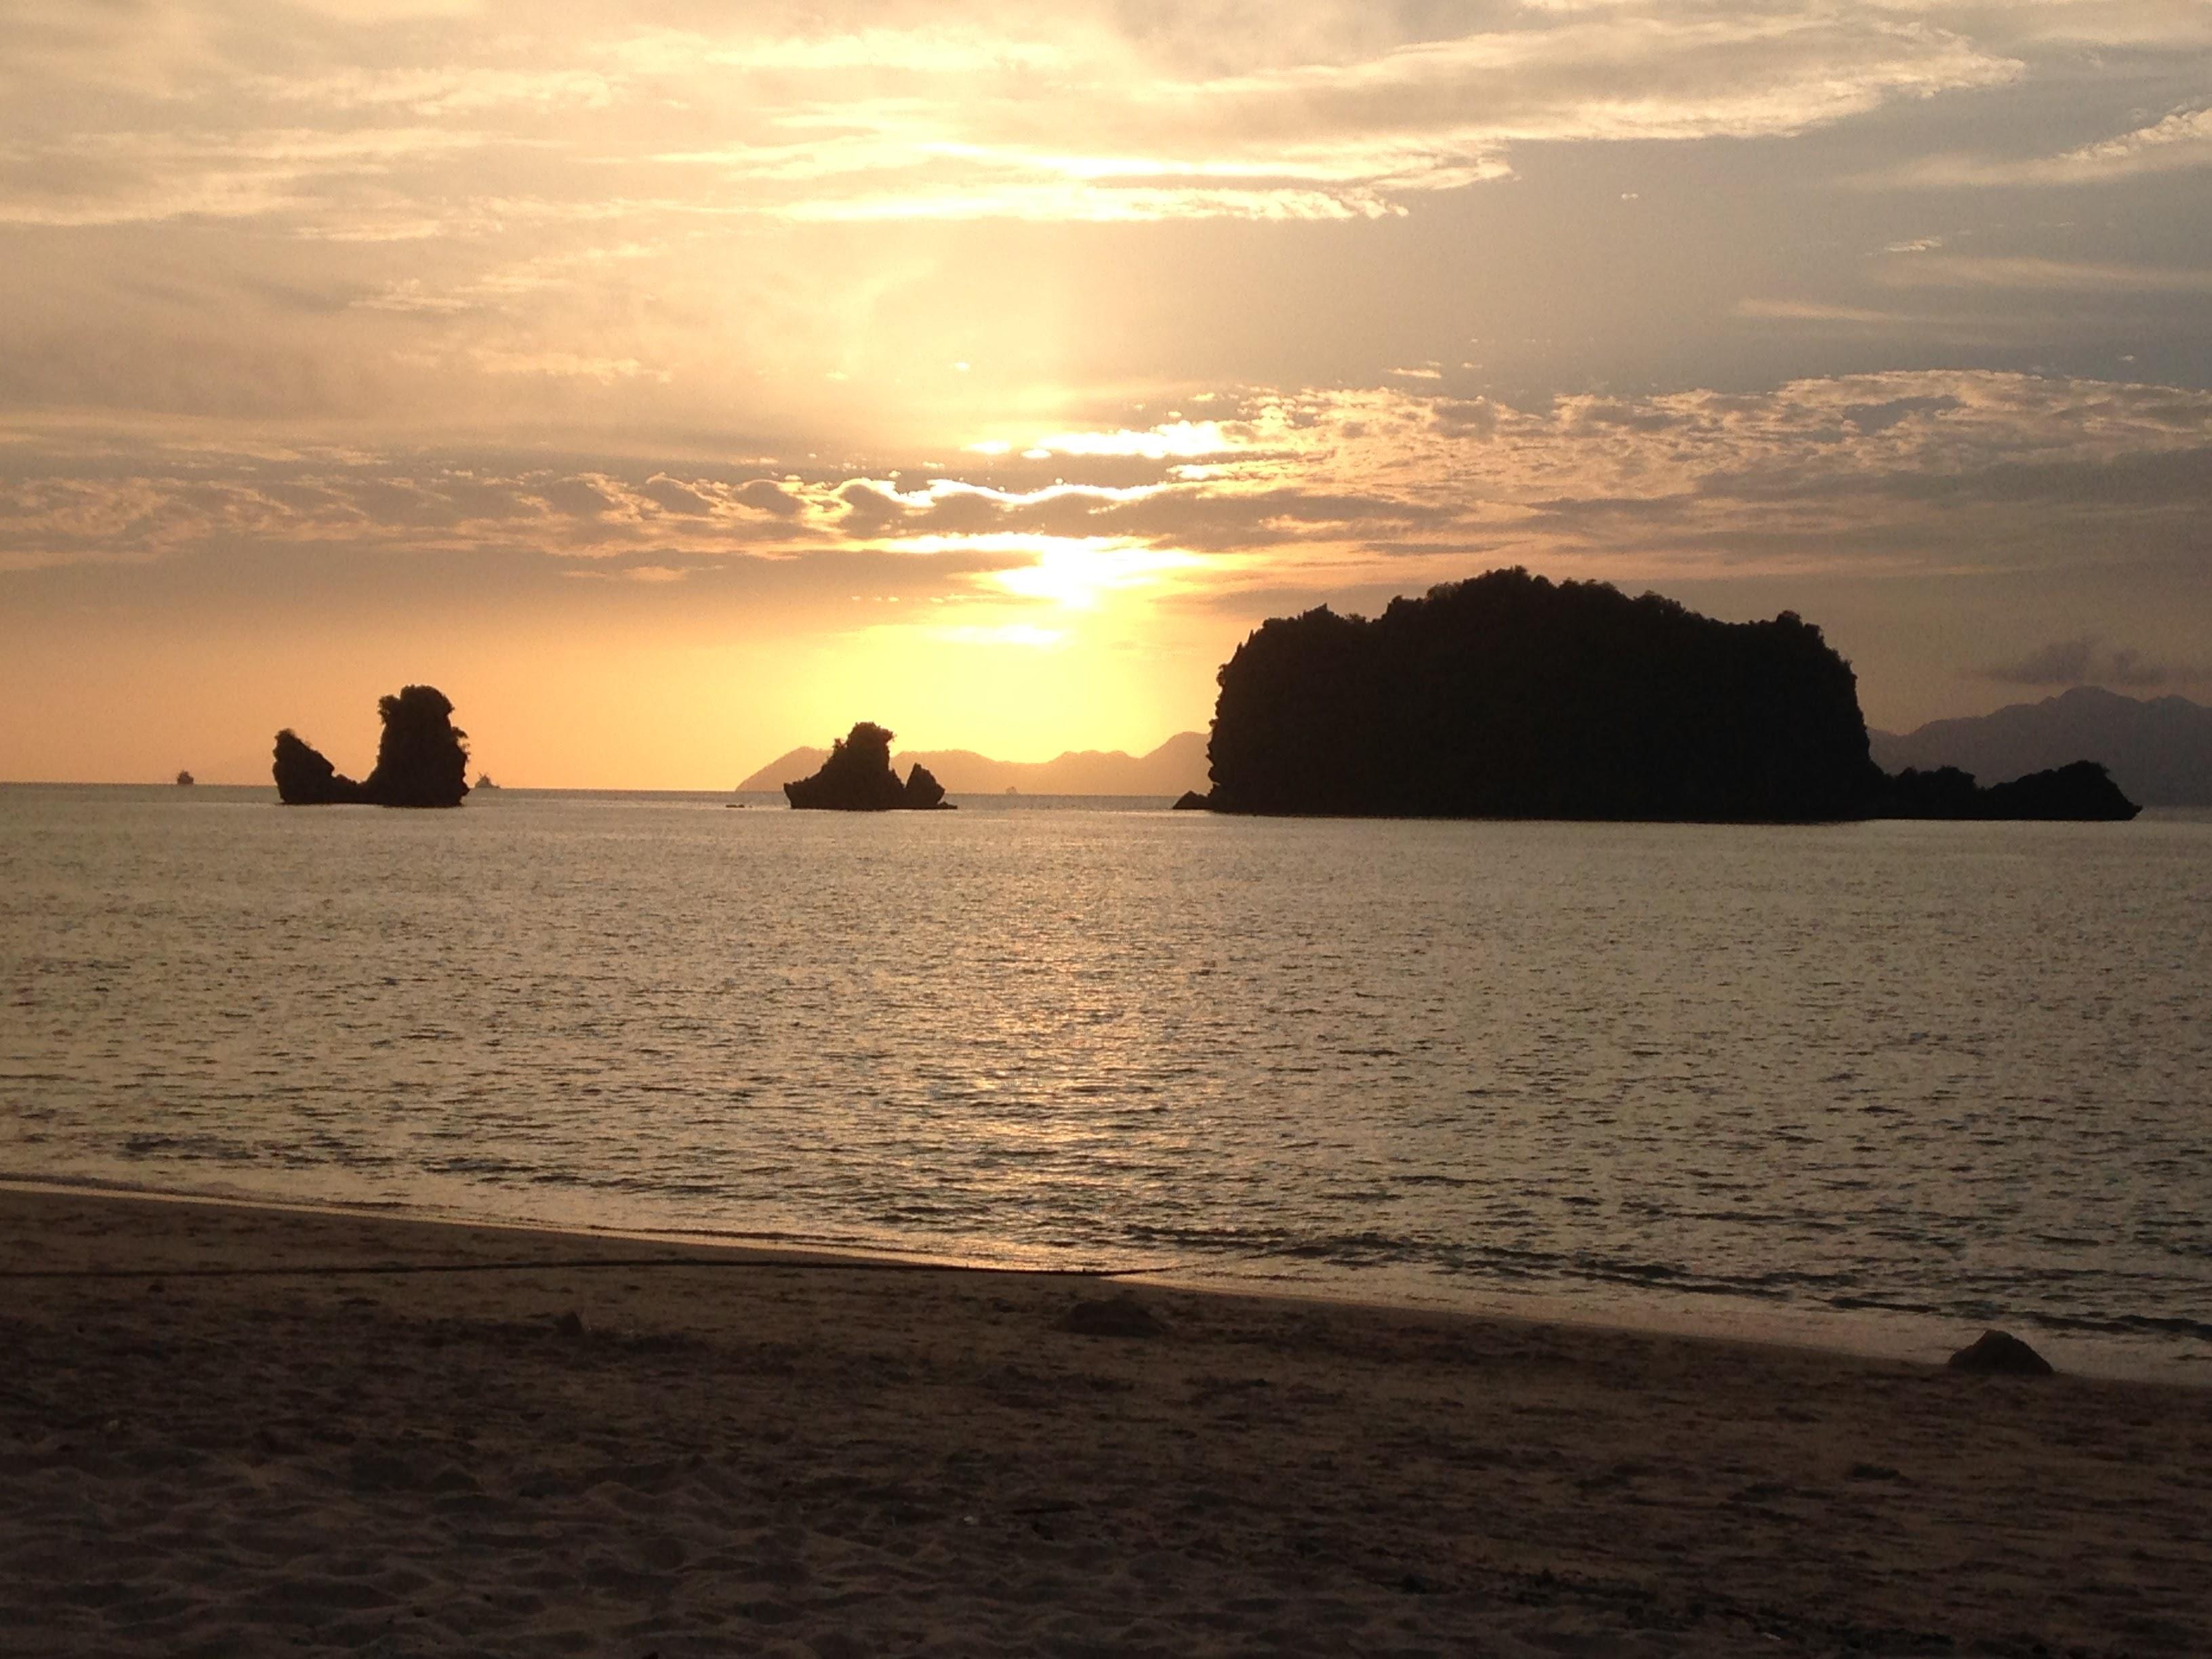 coucher du soleil sur la plage en Malaisie